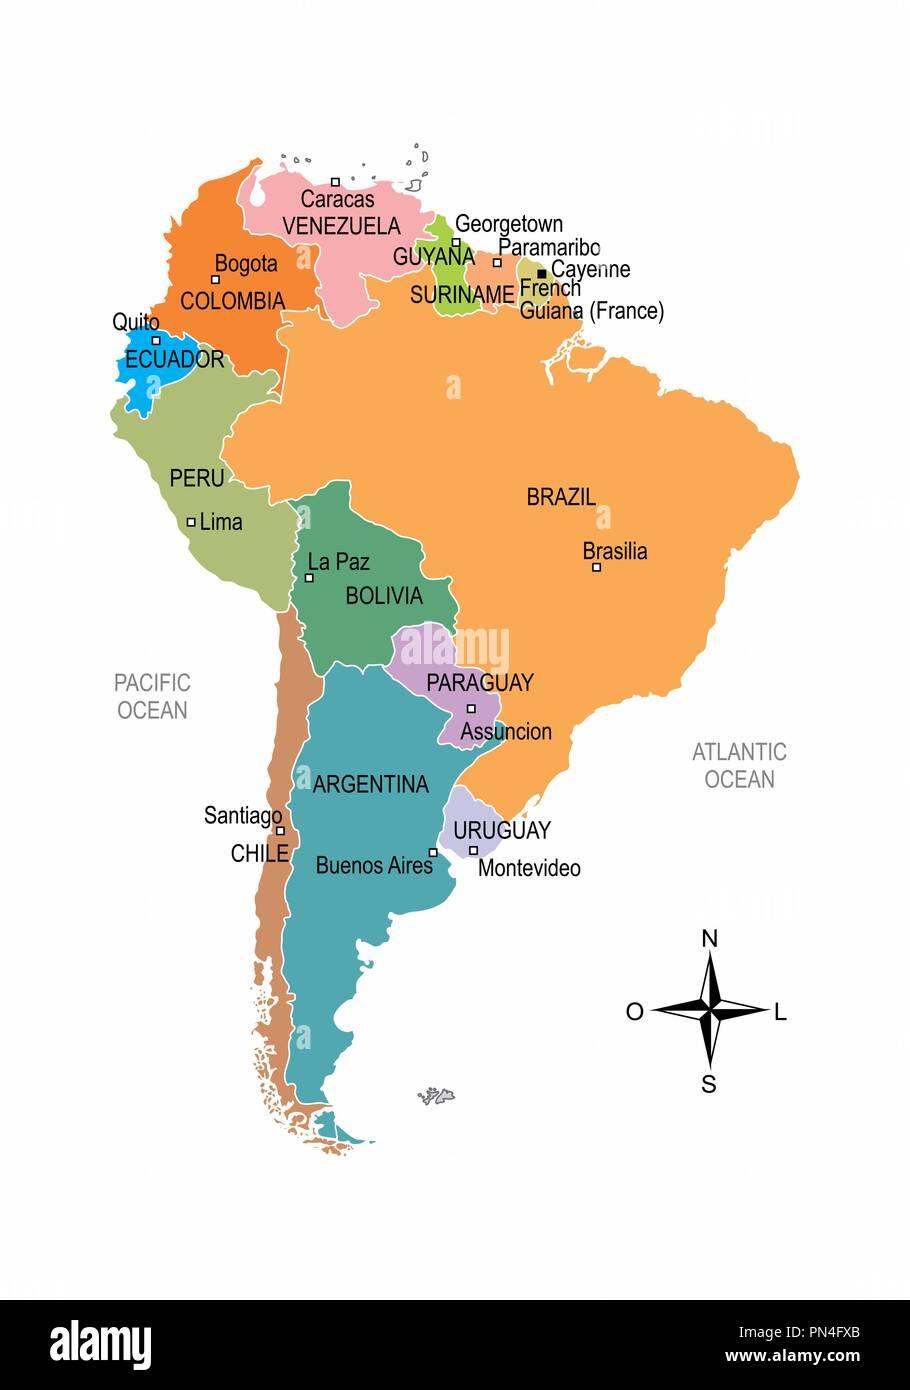 Südamerika Karte Länder.Bunte Karte Von Südamerika Mit Aufteilung Der Länder Und Ihre